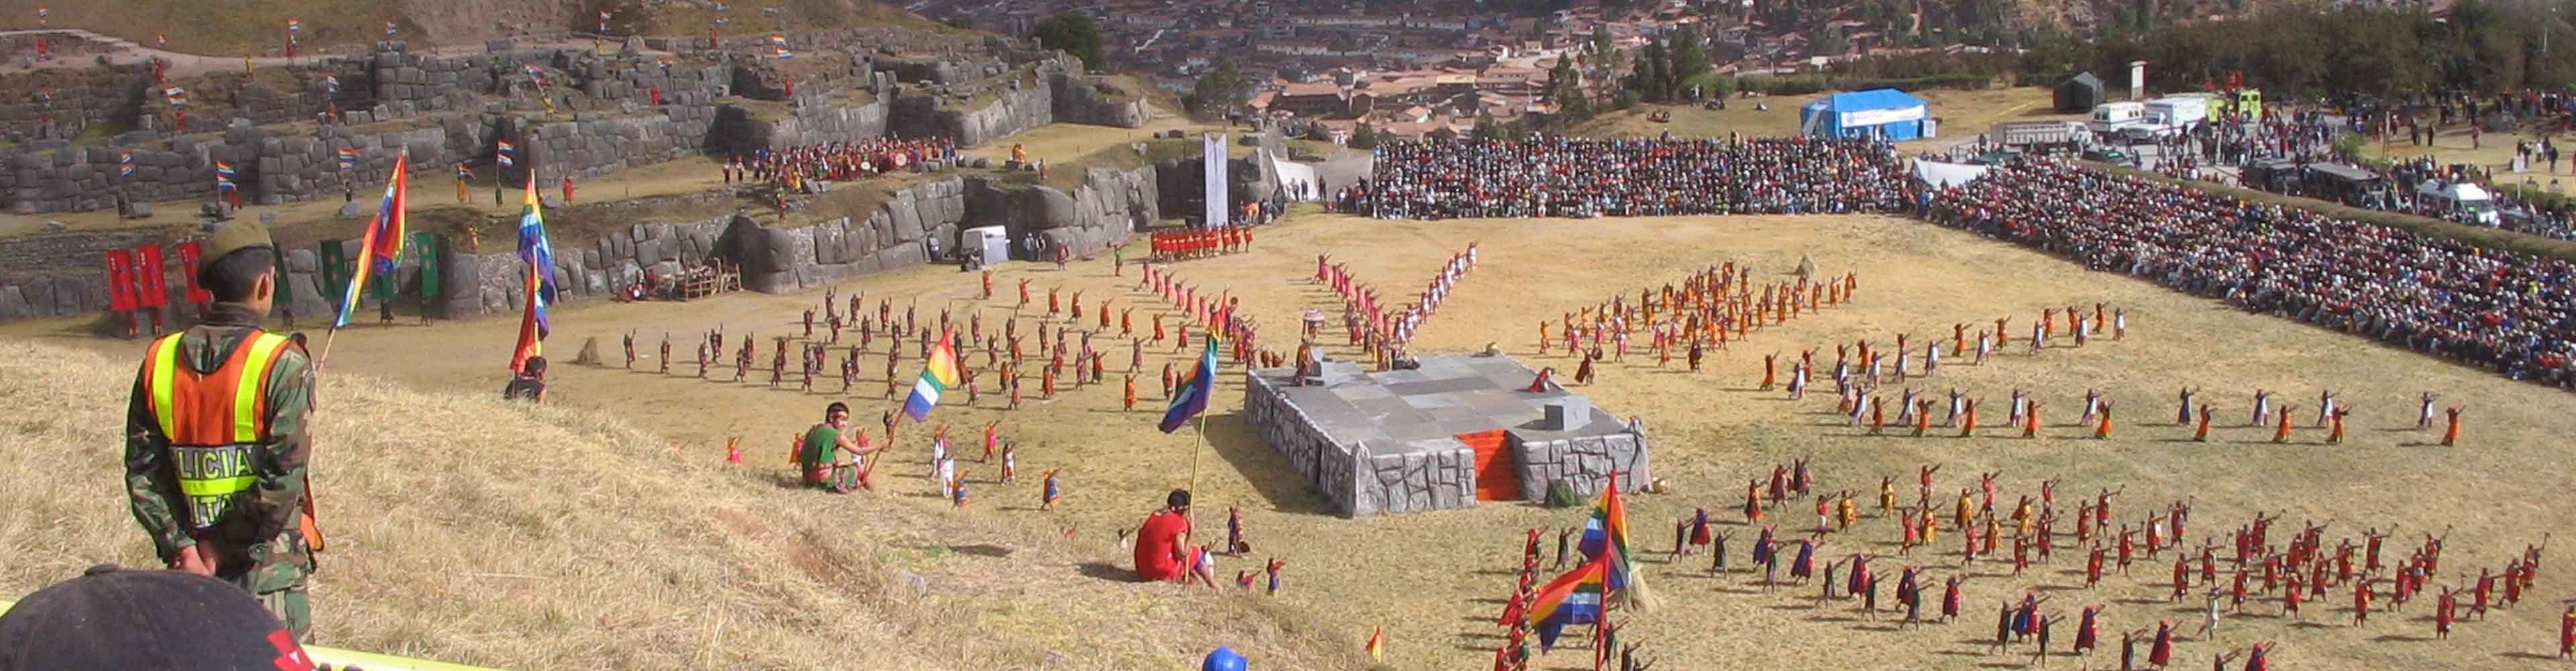 Peru Inti Raymi & Archaeology